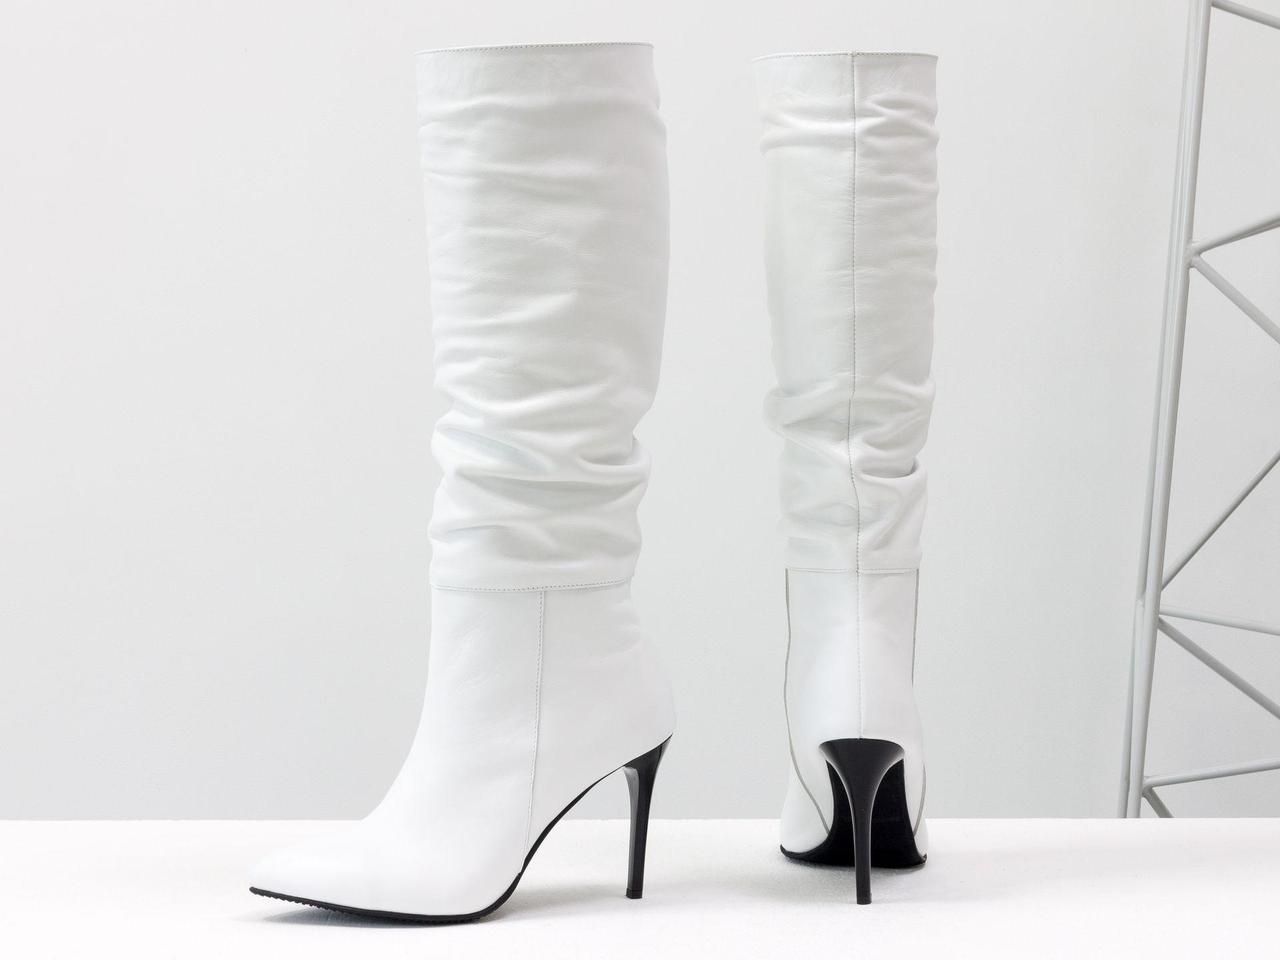 Сапоги-гармошки свободного одевания из натуральной кожи белого цвета, на глянцевом каблуке шпильке